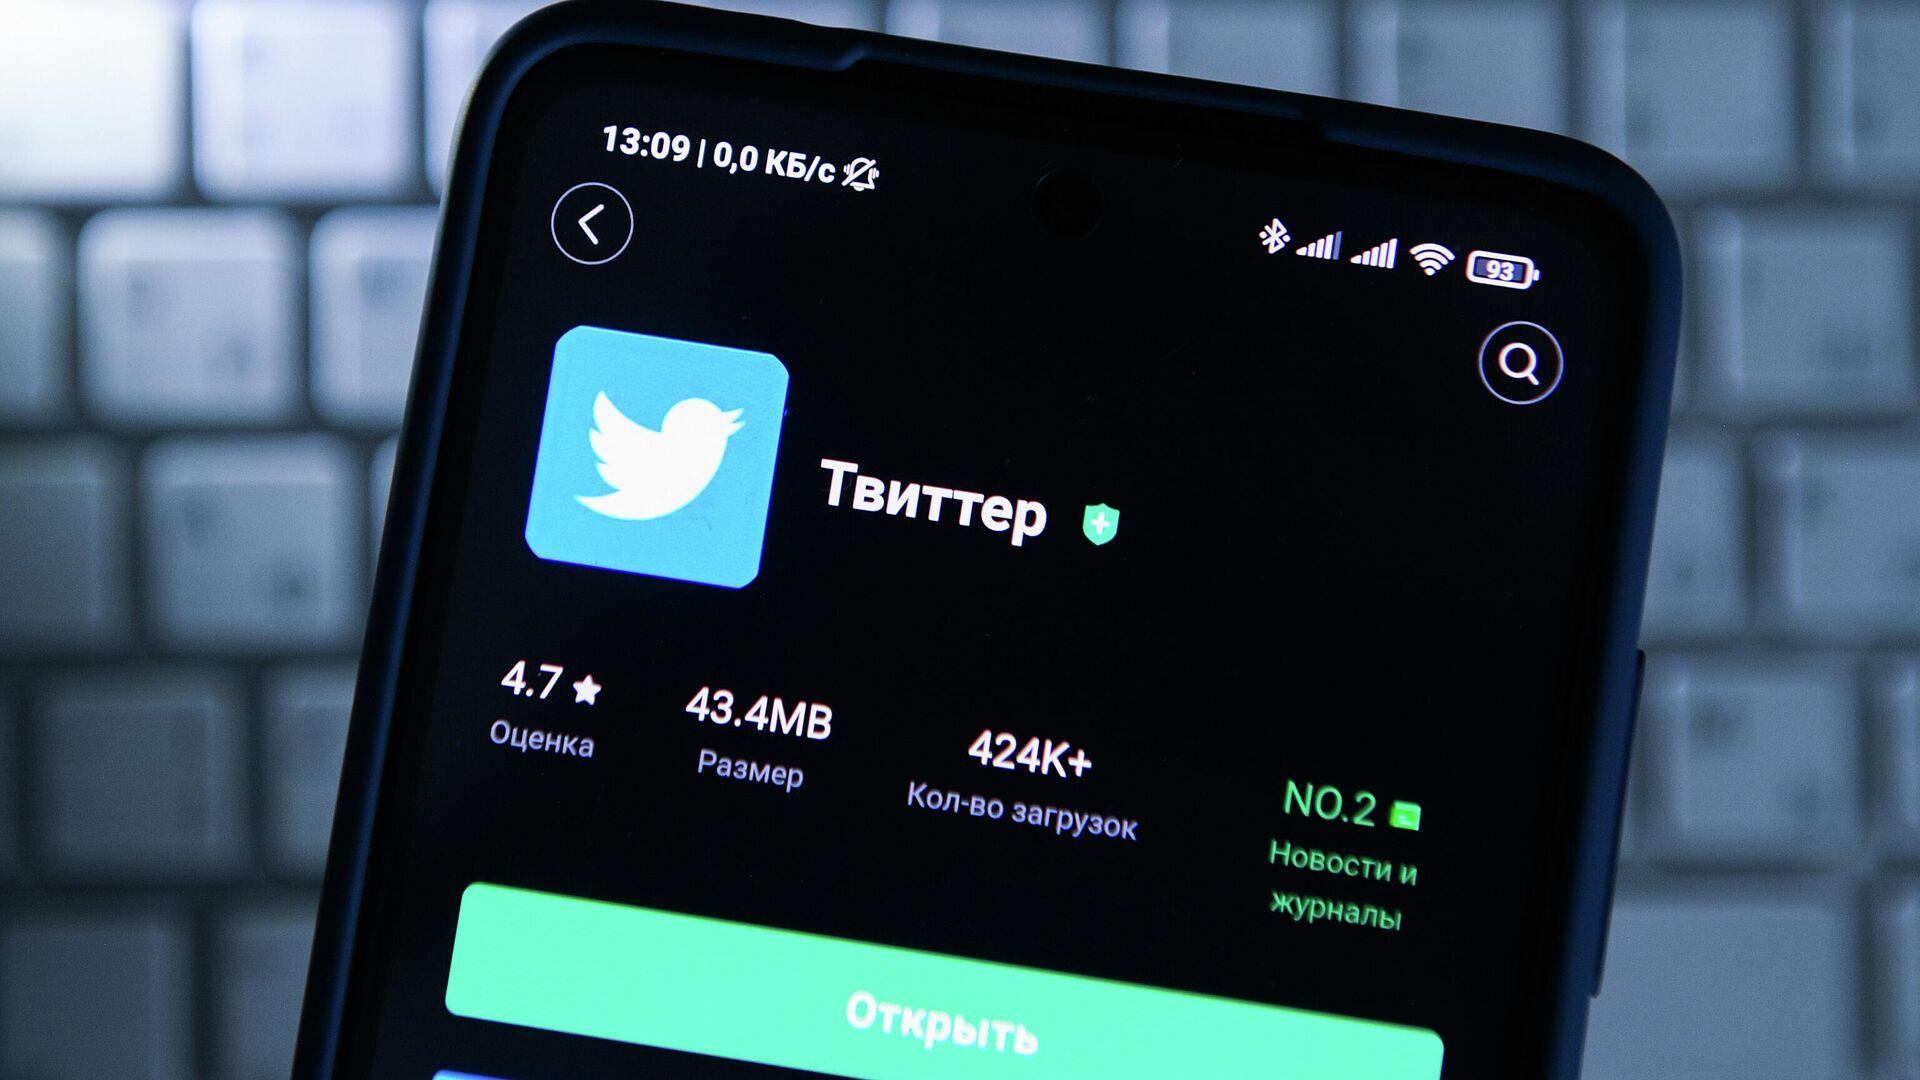 Логотип социальной сети Twitter на экране мобильного телефона - РИА Новости, 1920, 10.03.2021